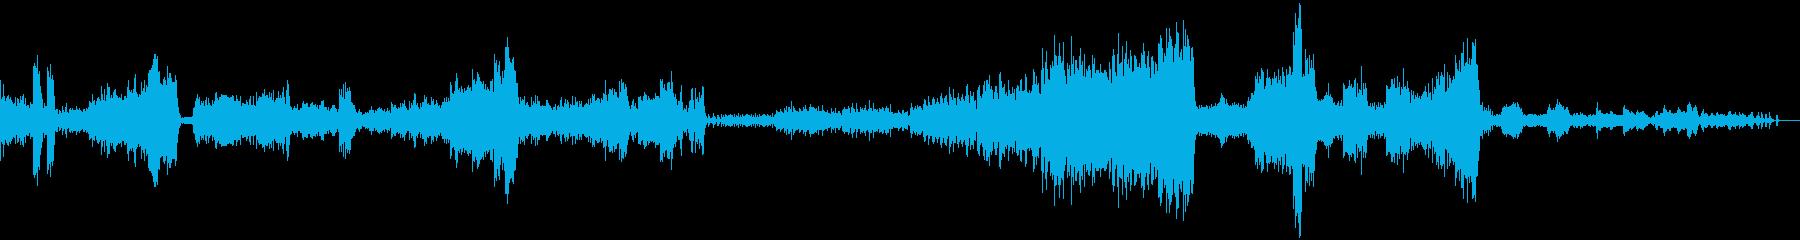 繊細で壮大なクラシック音楽の再生済みの波形